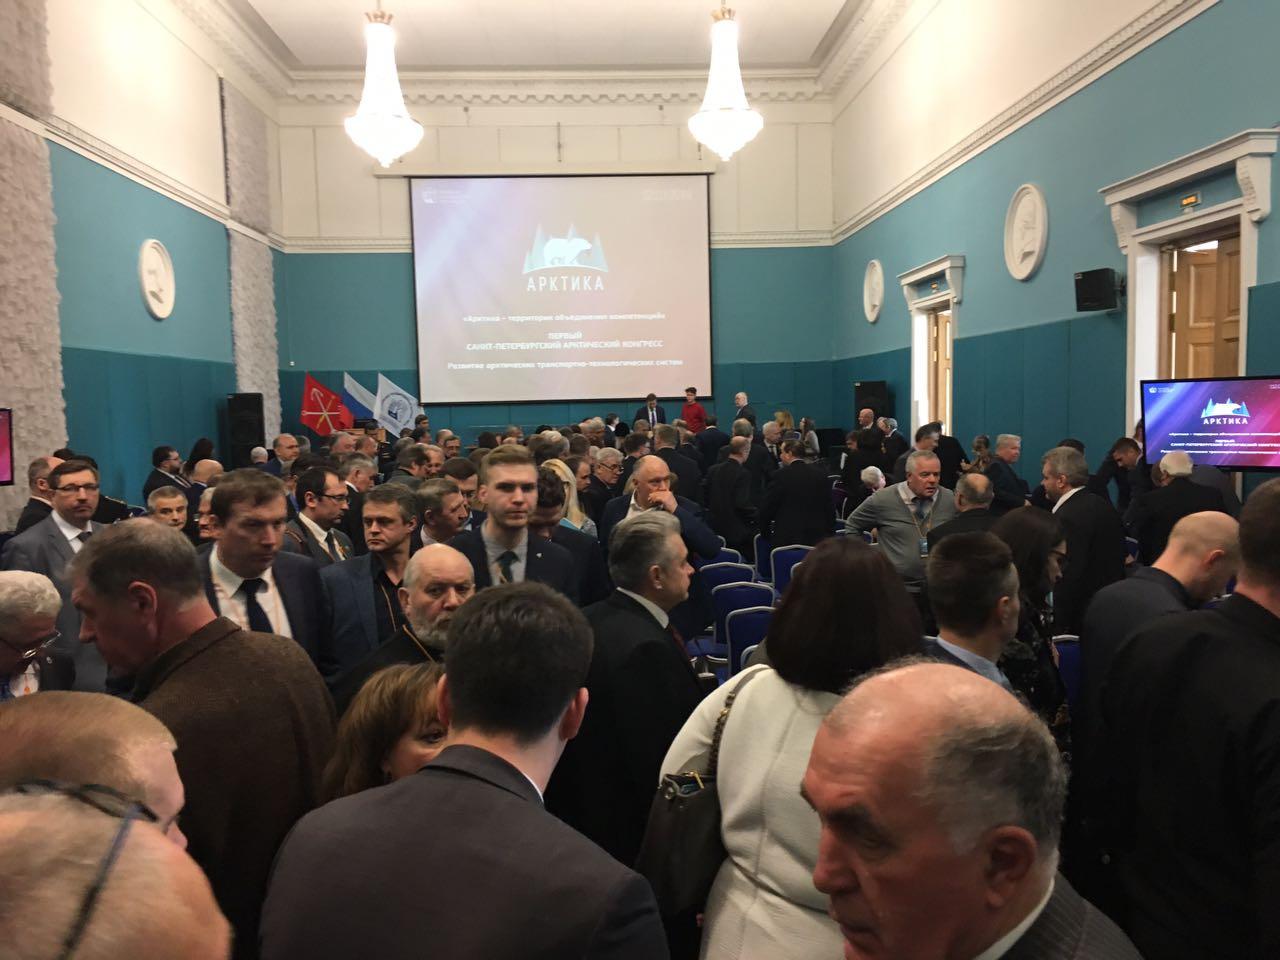 Форум по теме: Конгрессы в россии в 2019 году